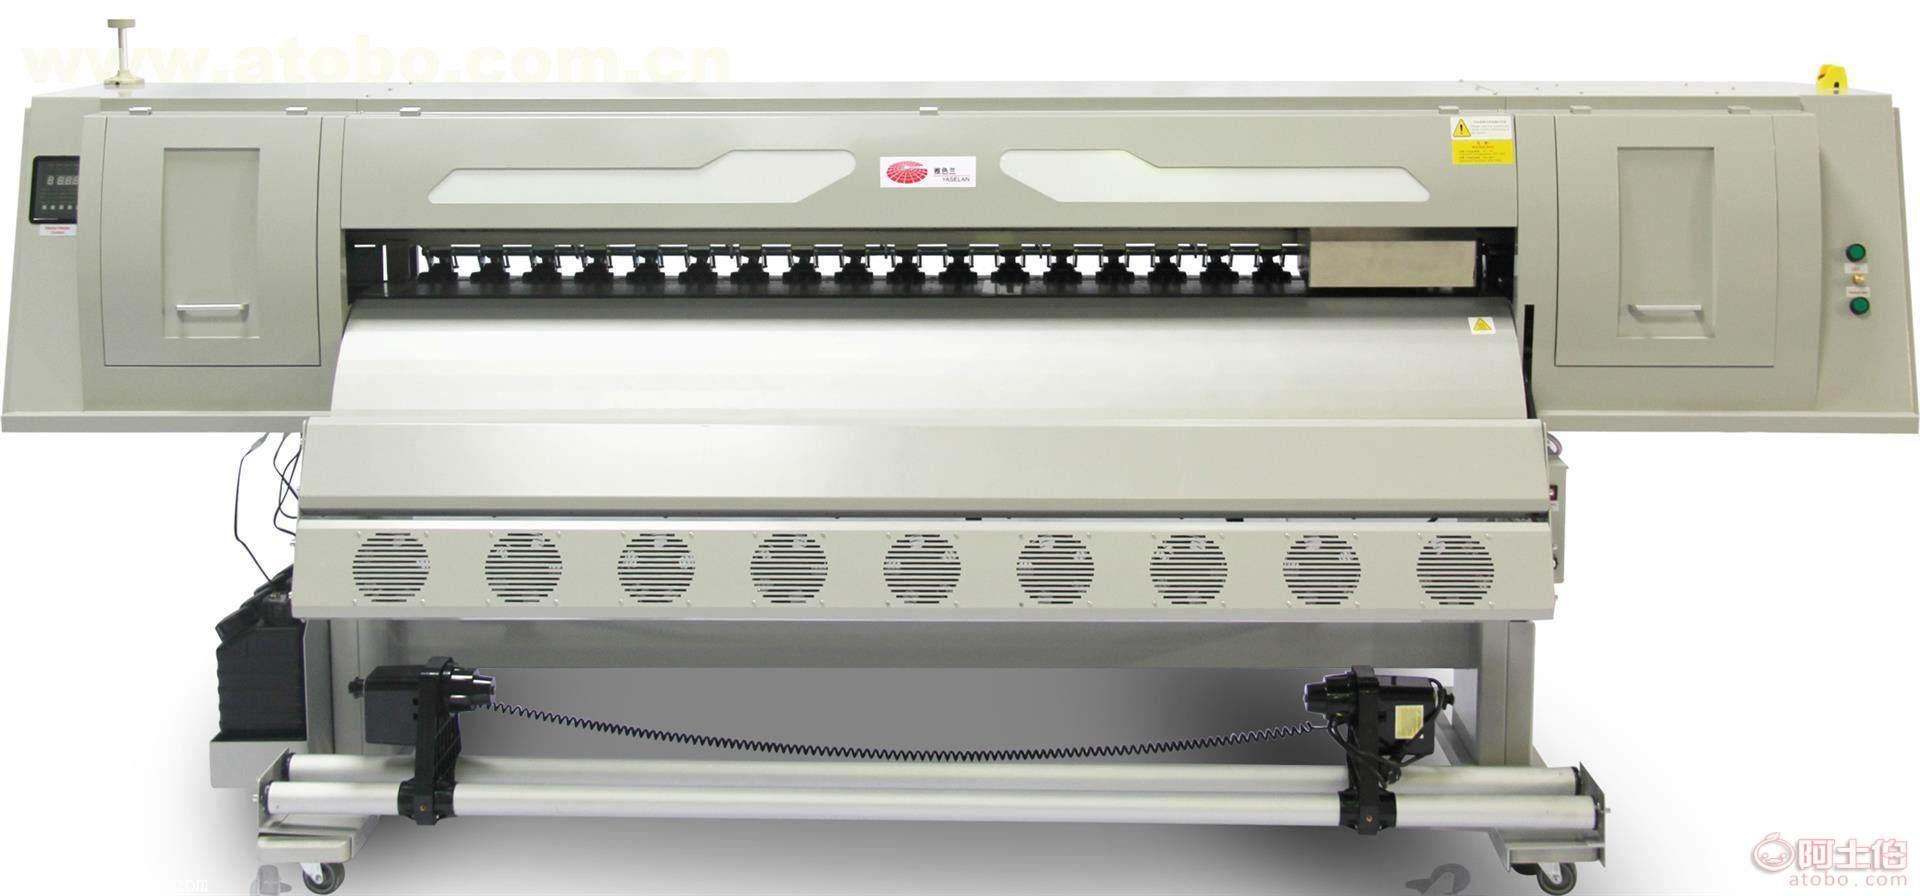 详细介绍 价格: 电议雅色兰ep180写真机机器特点:1.